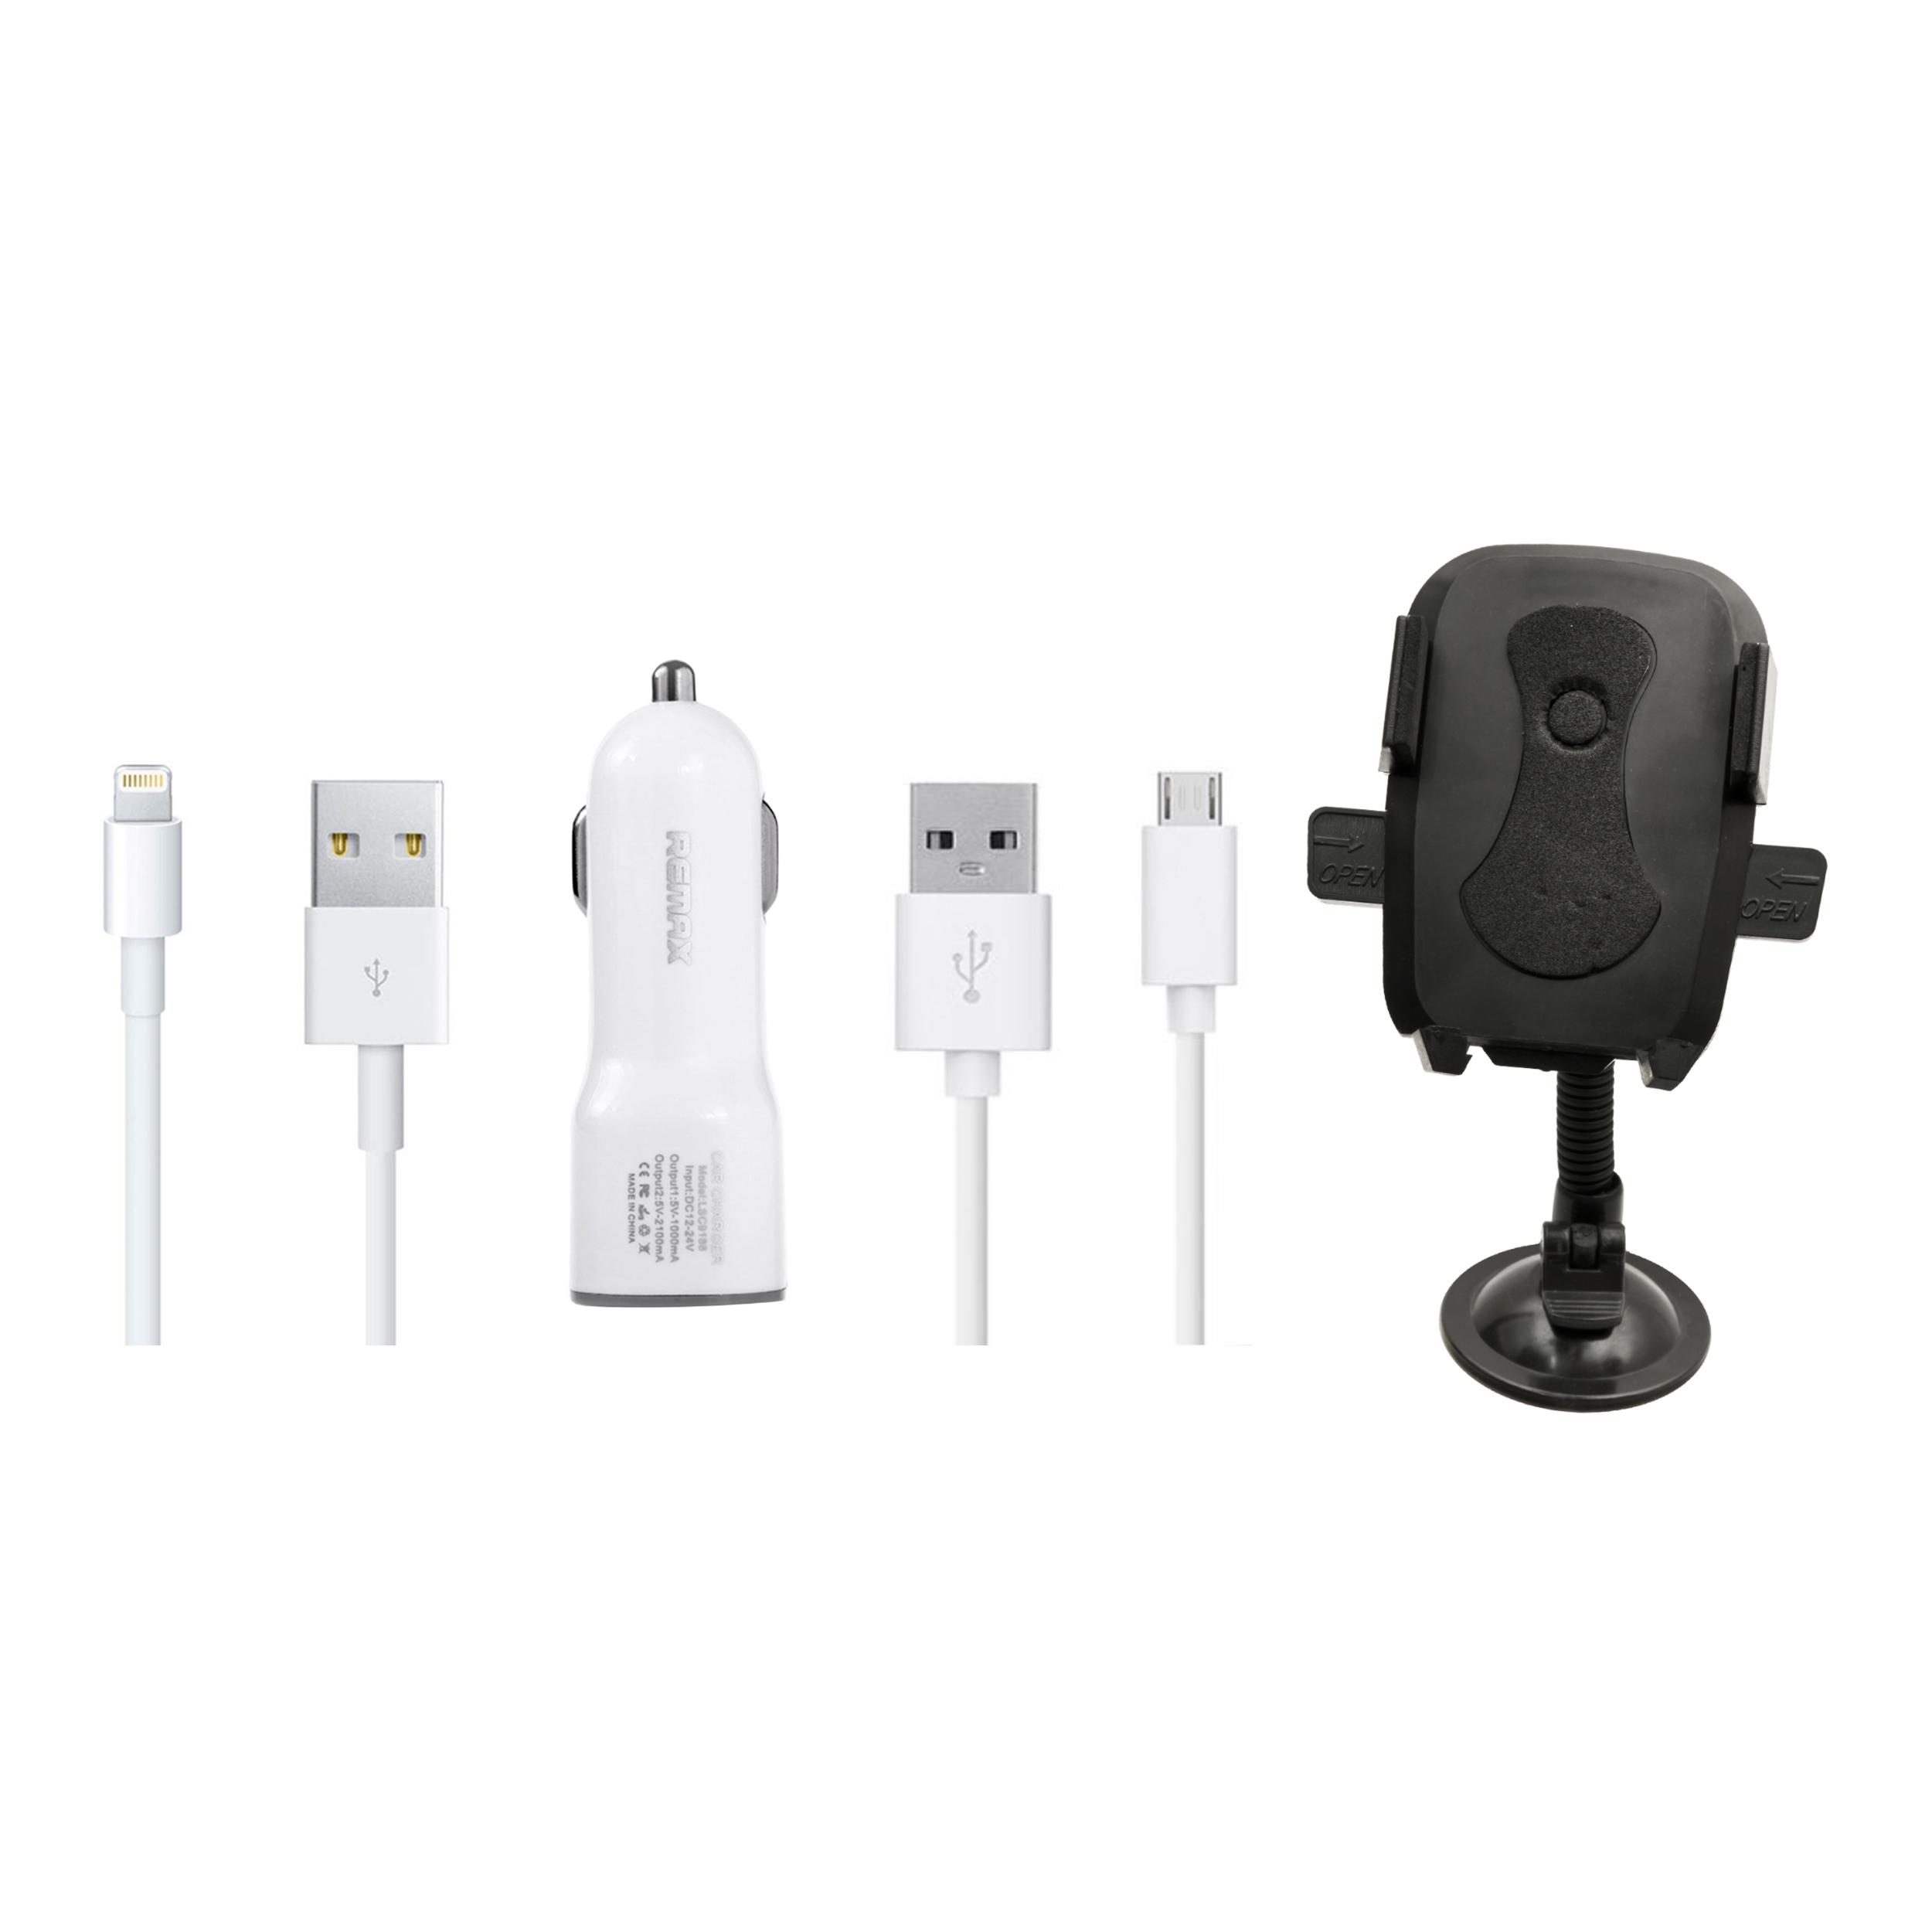 شارژر فندکی ریمکس مدل CC201 به همراه پایه نگهدارنده گوشی موبایل و کابل شارژ لایتنیگ و Micro USB  